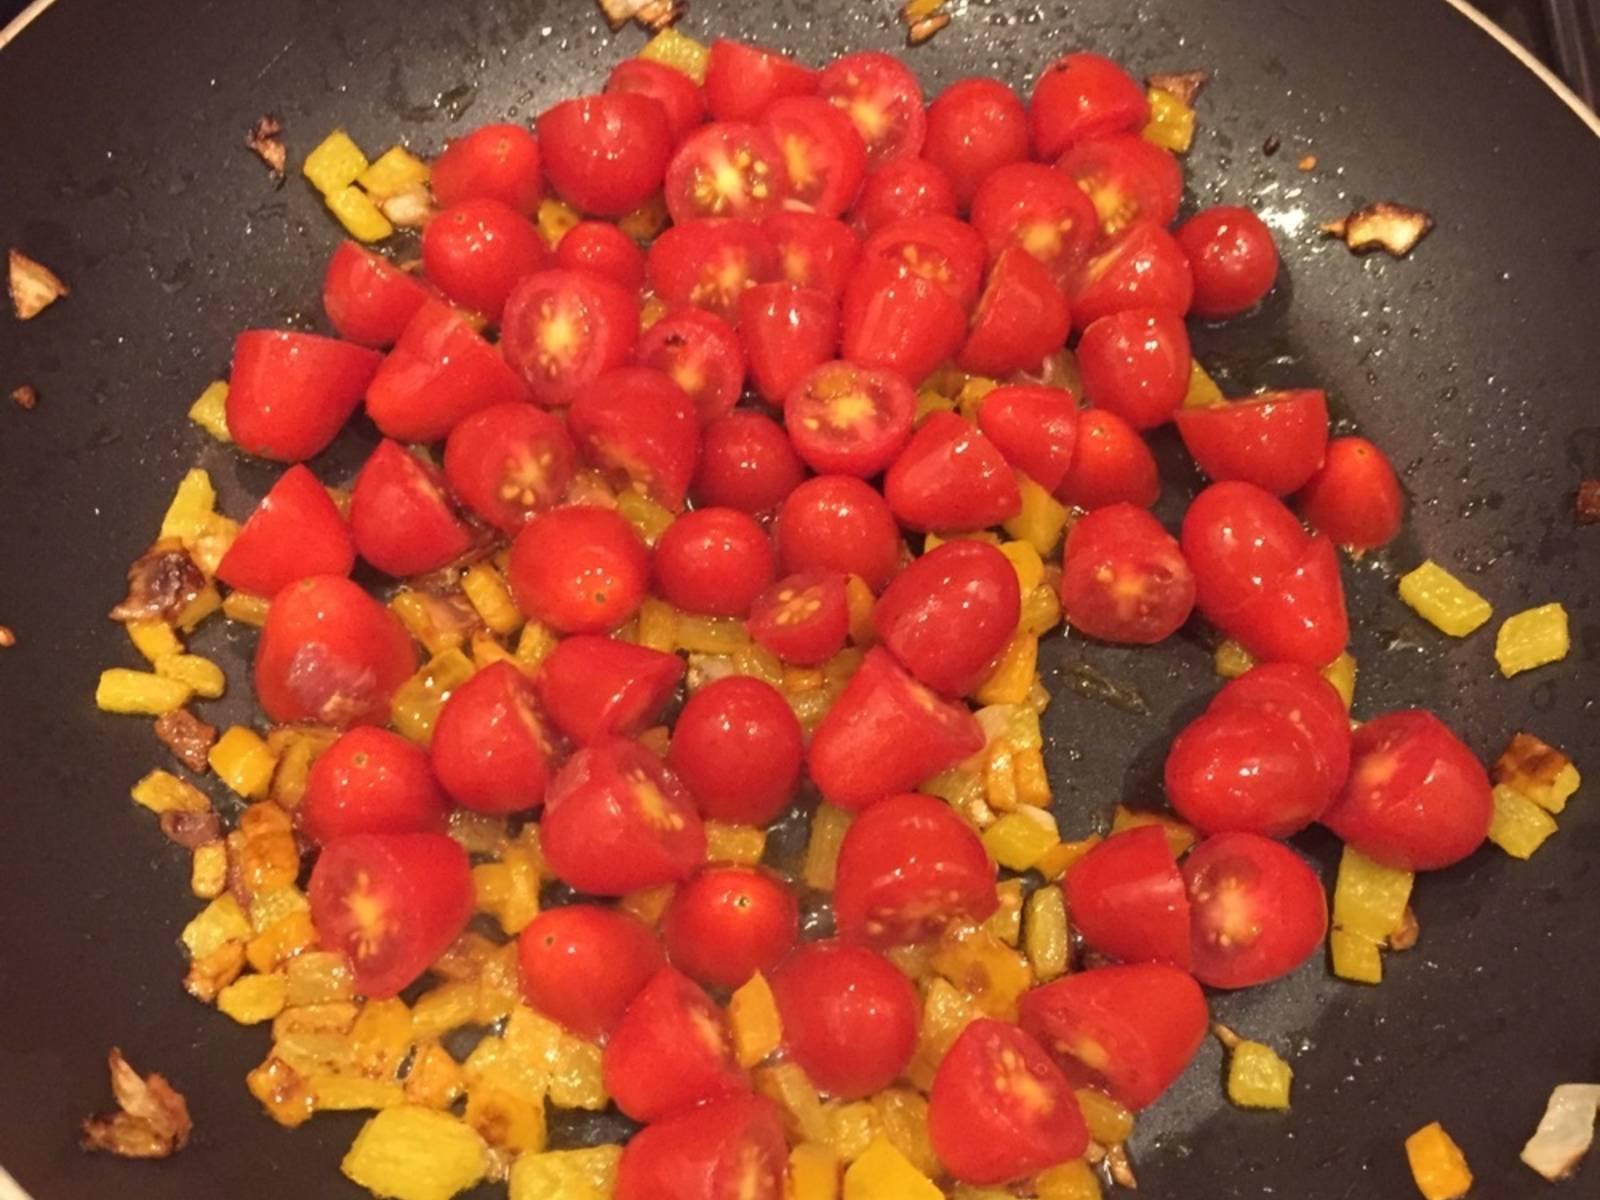 Tomaten hinzufügen und braten, bis sie weich sind und wässrig werden.